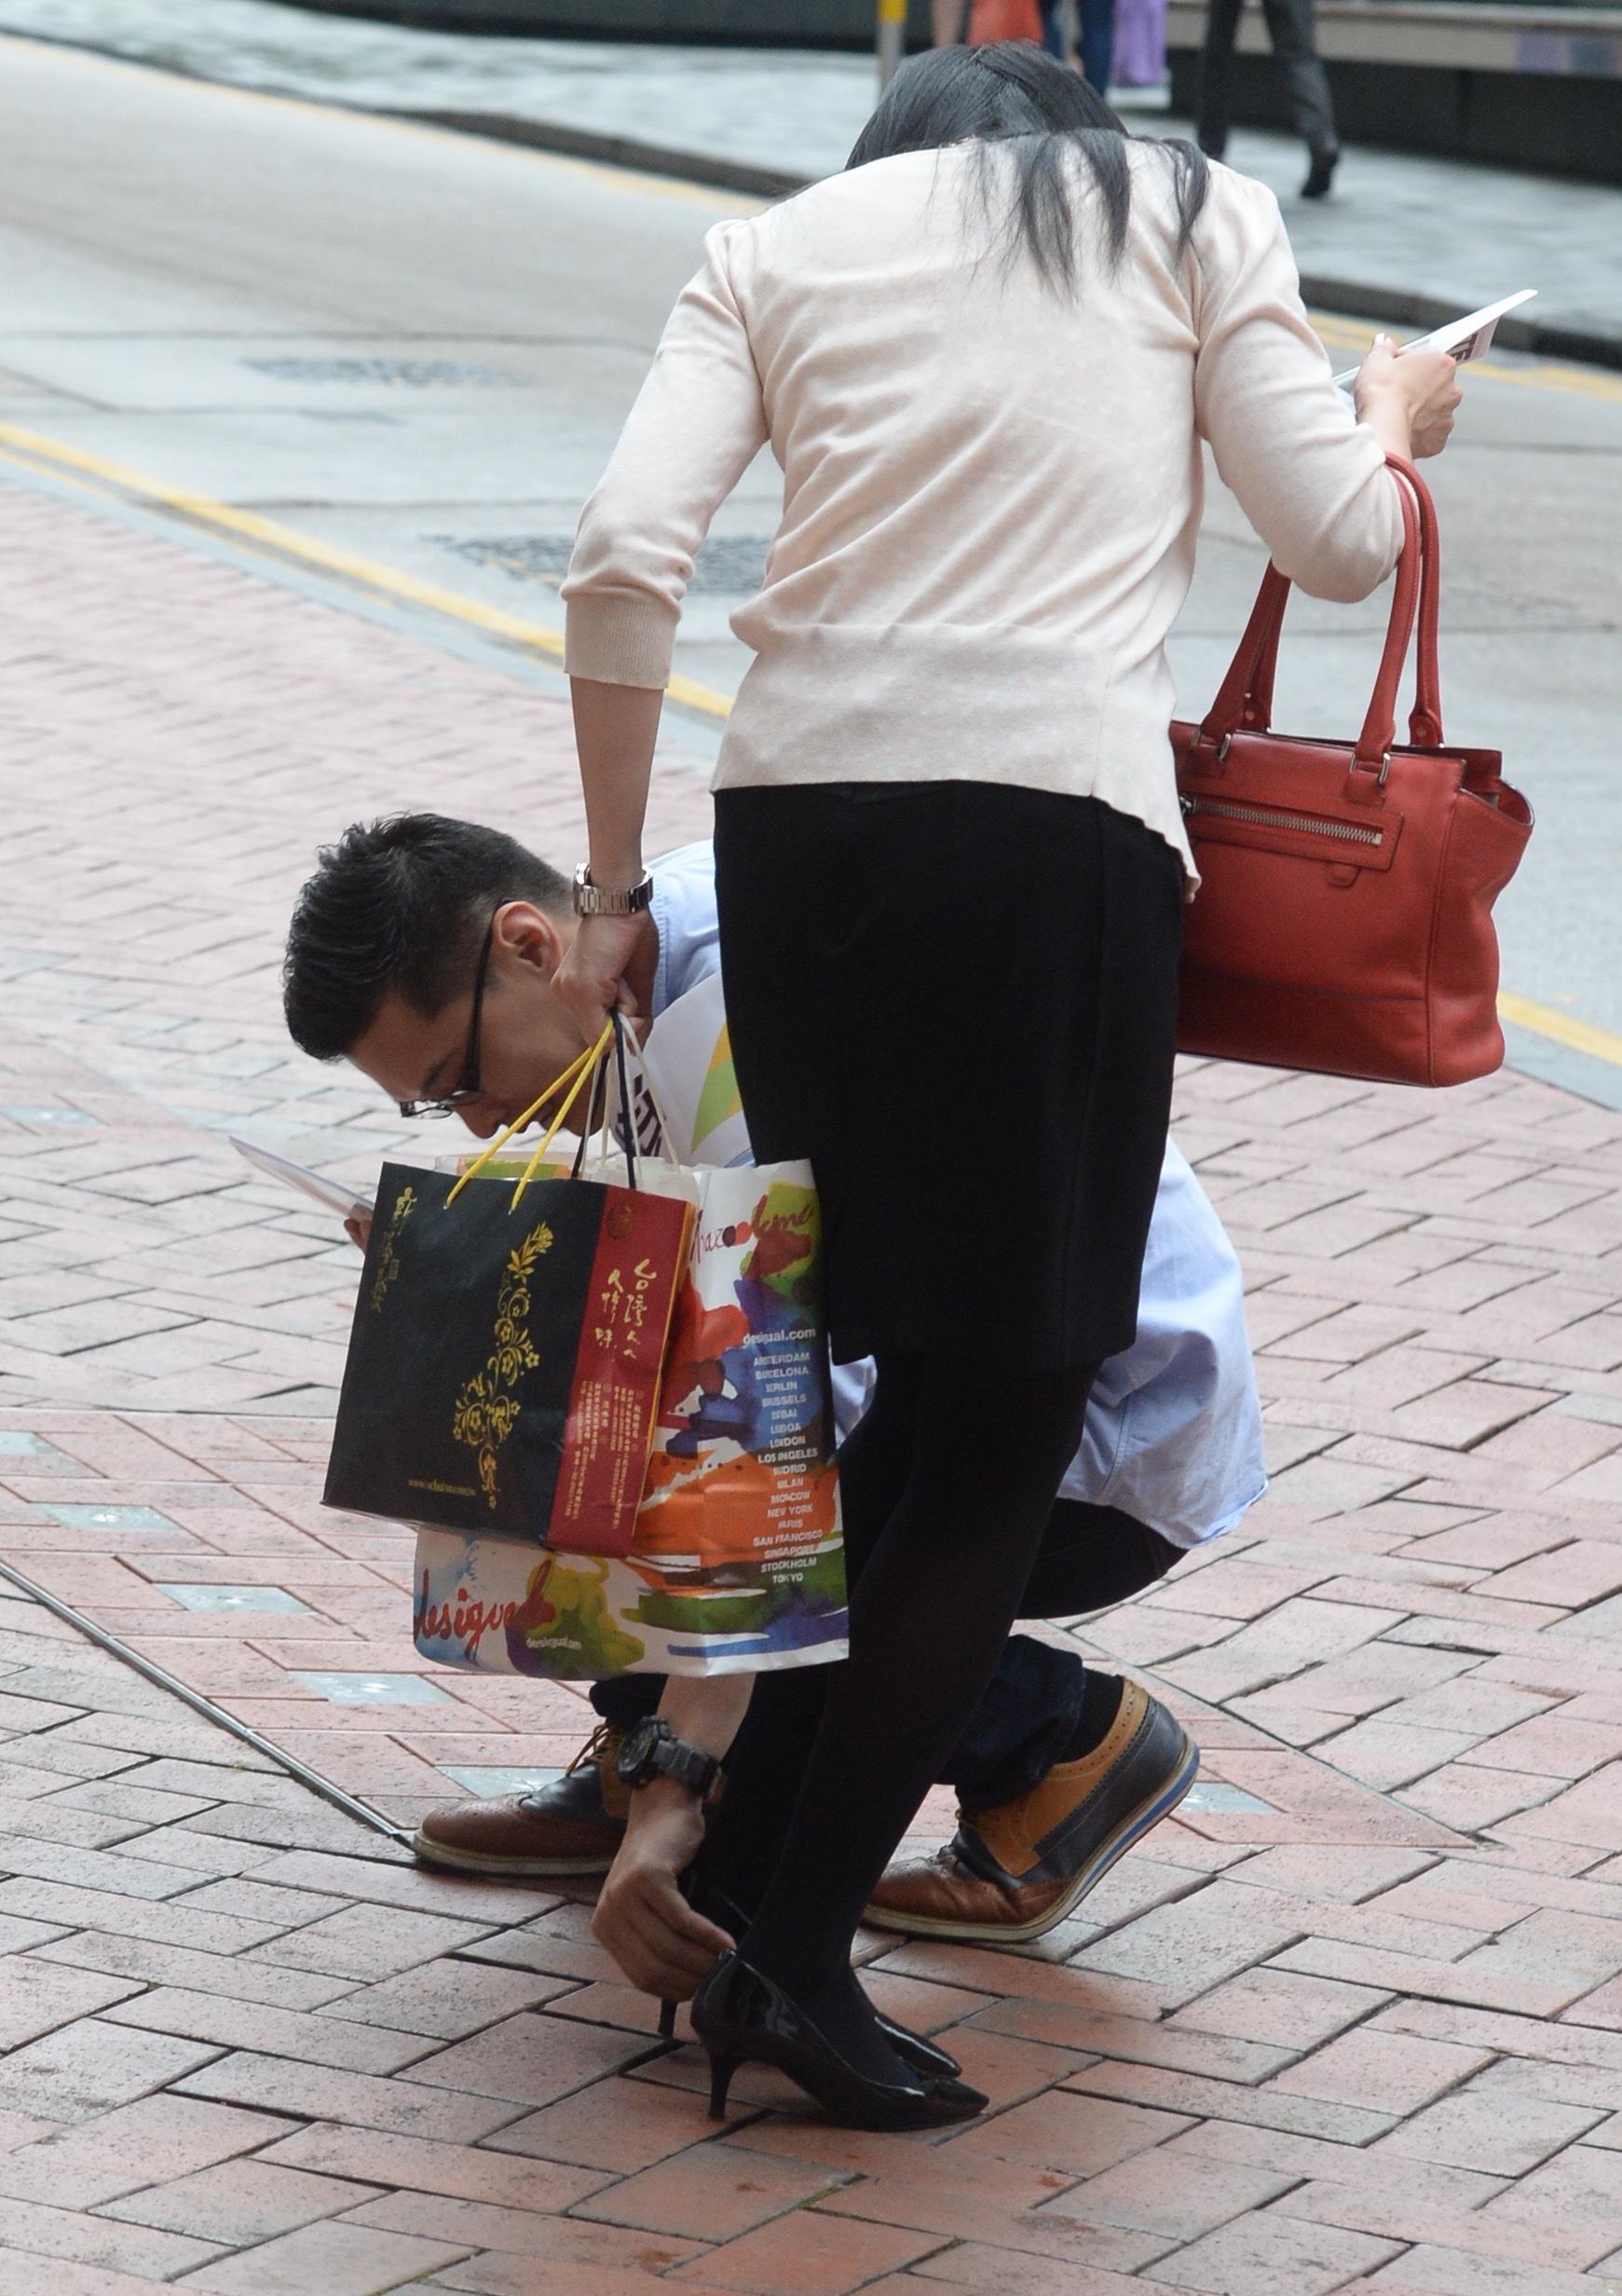 梁柏堅參選,最希望能重建區內互信互助的鄰里精神,因此他擺街站時,見到有女士的鞋踭卡於地磚,立即出手相助。(劉焌陶攝)